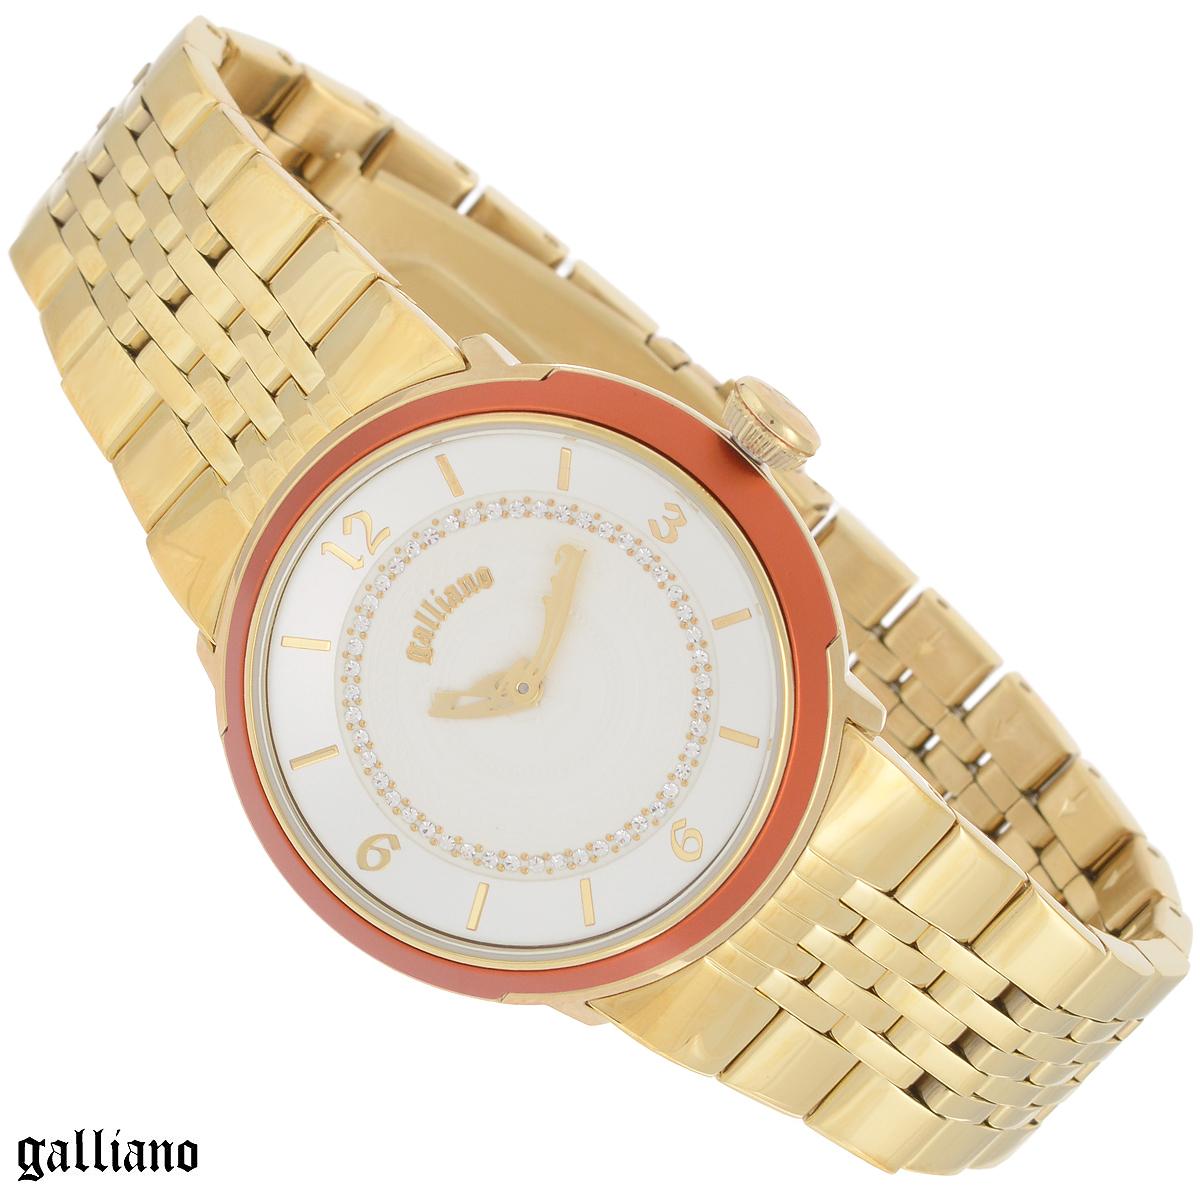 Часы женские наручные Galliano, цвет: золотой. R2553100501R2553100501Наручные женские часы Galliano оснащены кварцевым механизмом. Корпус выполнен из высококачественной нержавеющей стали с PVD-покрытием, безель - из алюминия. Циферблат с цифрами и отметками оформлен кристаллами и защищен минеральным стеклом. Часы имеют три стрелки - часовую, минутную и секундную. Браслет часов выполнен из нержавеющей стали с PVD-покрытием и оснащен раскладывающейся застежкой. Часы укомплектованы паспортом с подробной инструкцией. Часы Galliano благодаря своему великолепному дизайну и качеству исполнения станут главным акцентом вашего образа. Характеристики: Диаметр циферблата: 3,2 см. Размер корпуса: 3,8 см х 3,8 см х 1 см. Длина браслета (с корпусом): 25,5 см. Ширина браслета: 1,8 см.